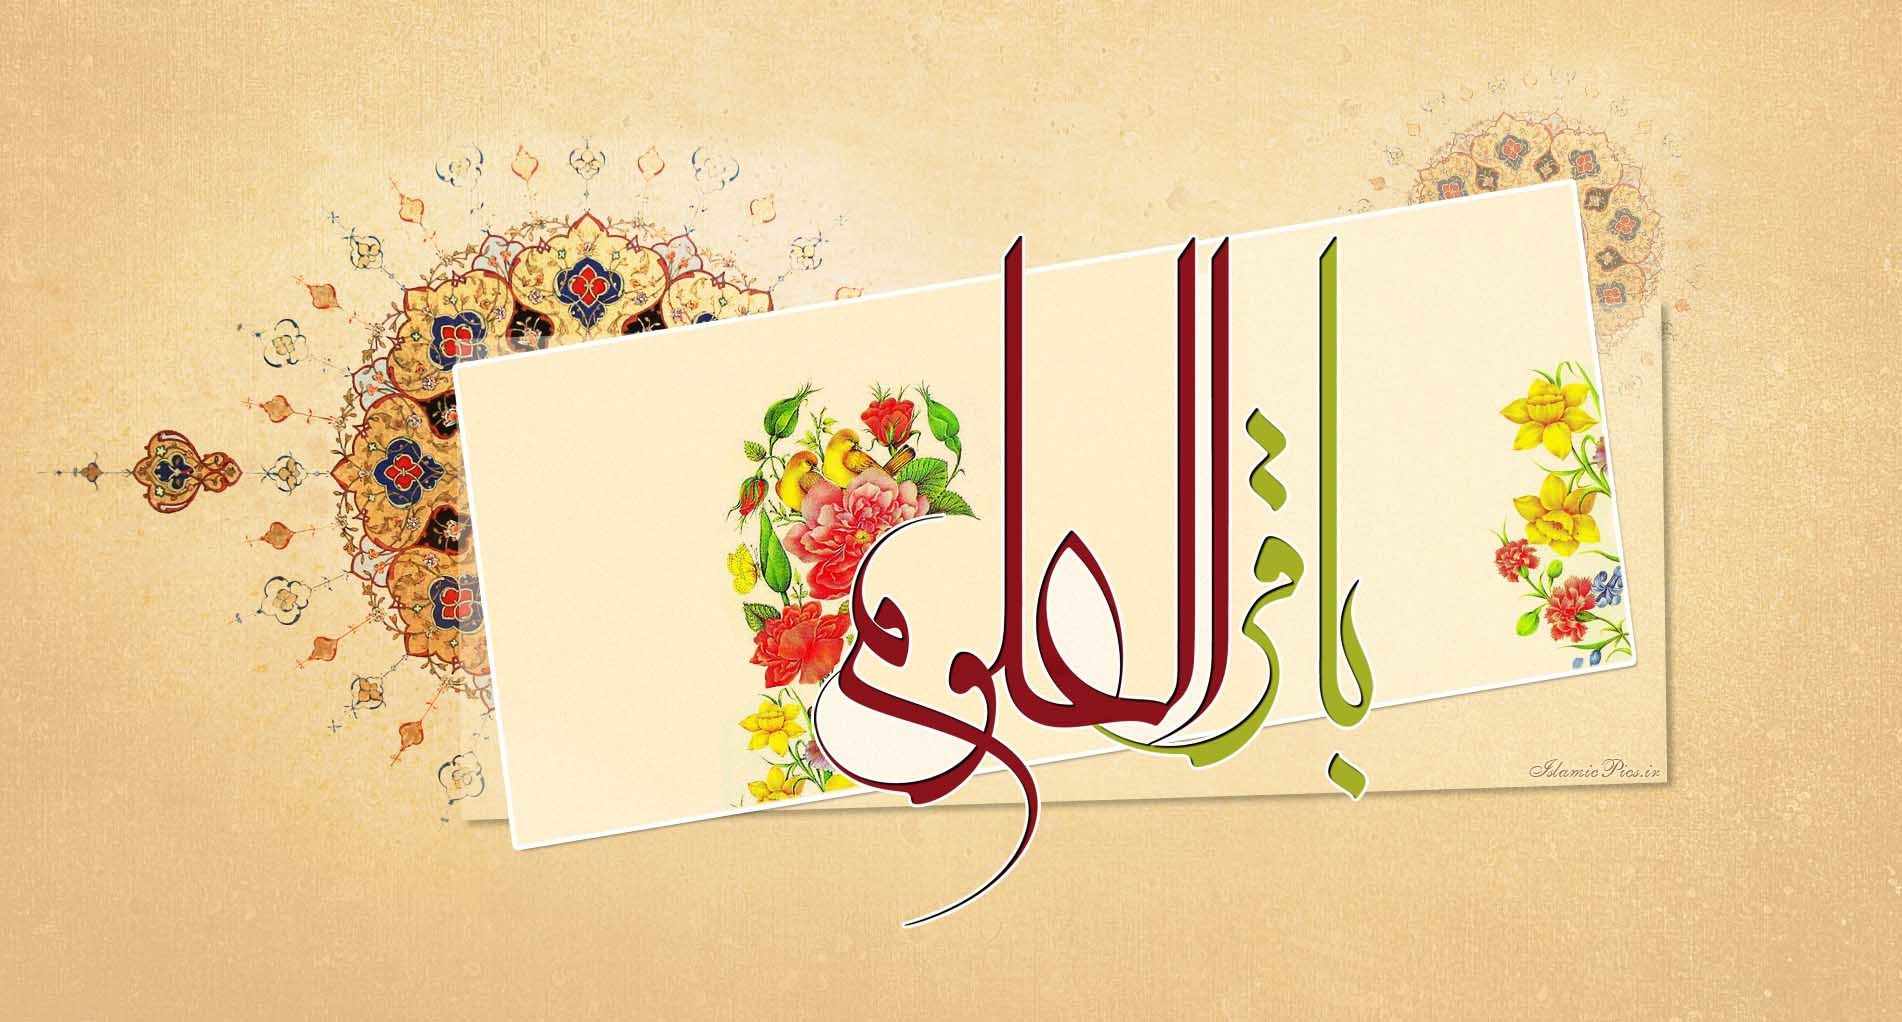 میلاد امام باقر / محمدرضا طاهری